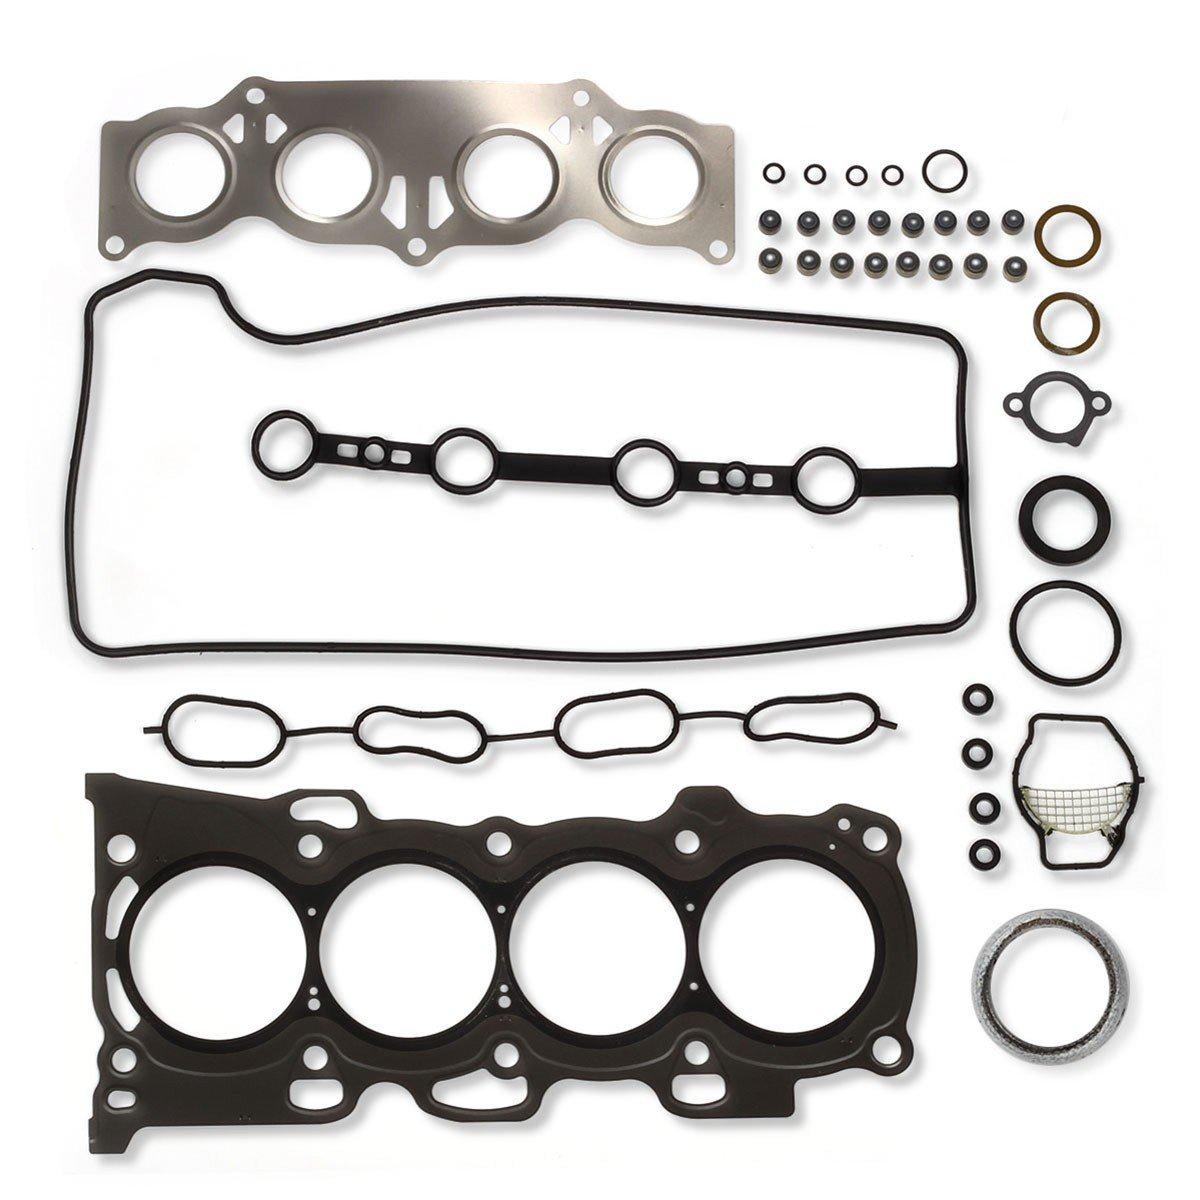 Cylinder Head Gasket kit Fits For 02-06 Sicon tC Toyota Highlander Solara RAV4 2.4L 2AZFE